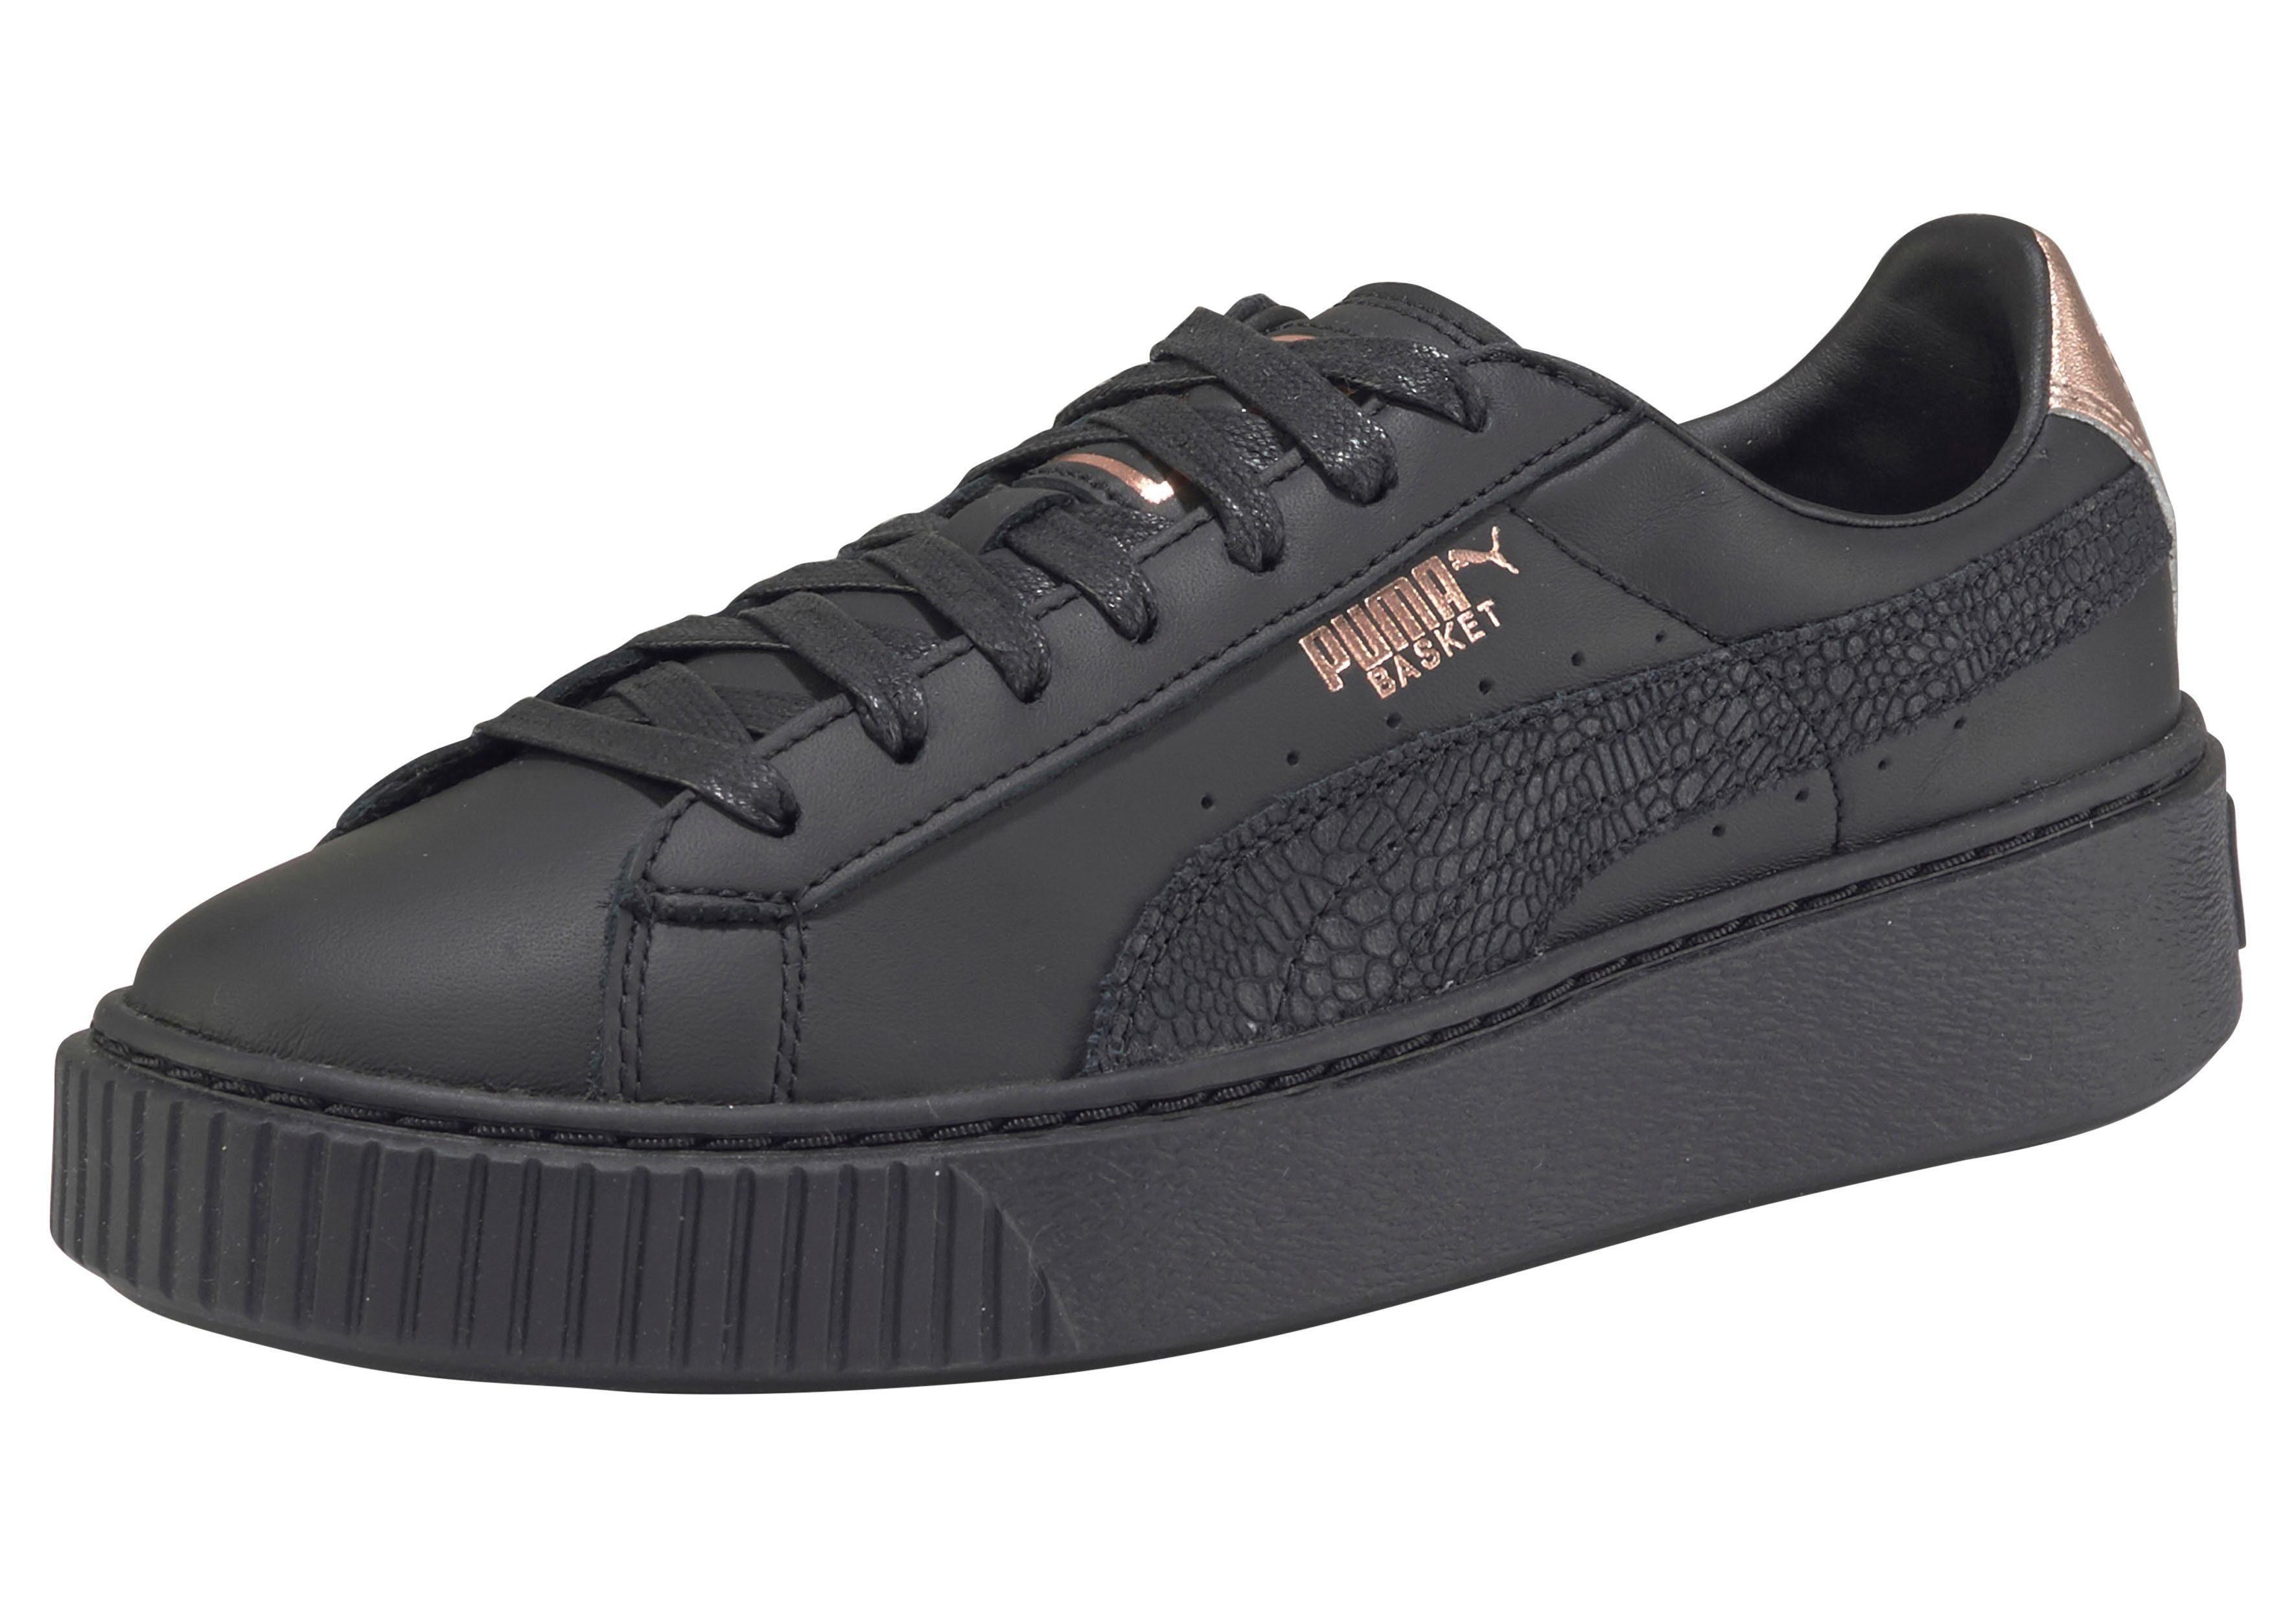 PUMA Basket Platform Eu Sneaker online kaufen  schwarz-kupfer